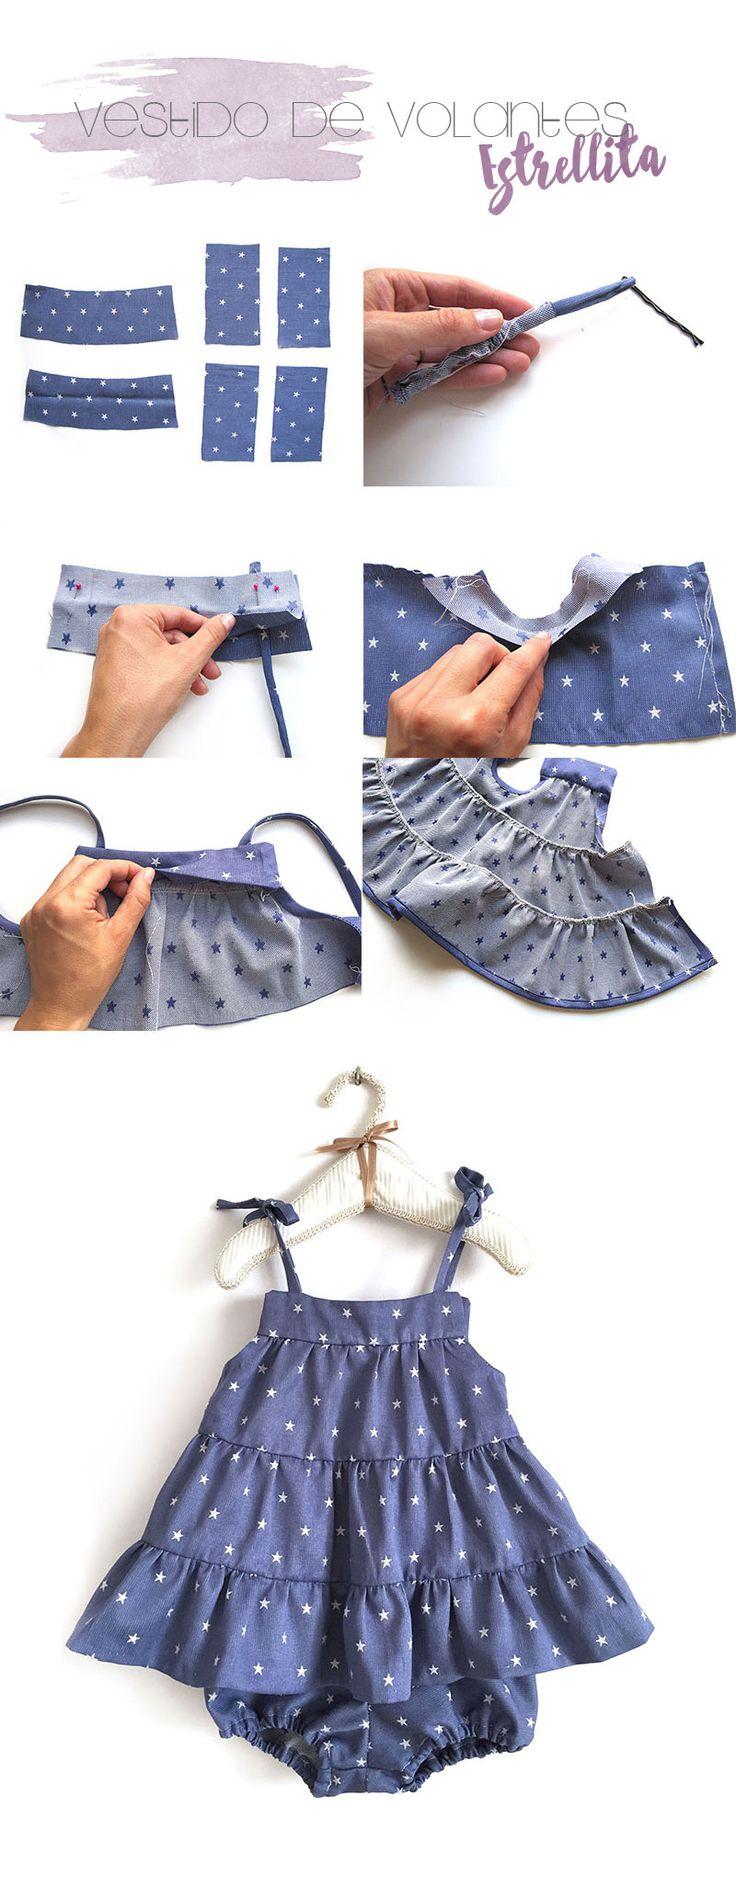 4 tutoriales de ropa de bebé de verano DIY- Vestido de bebé de volantitos …